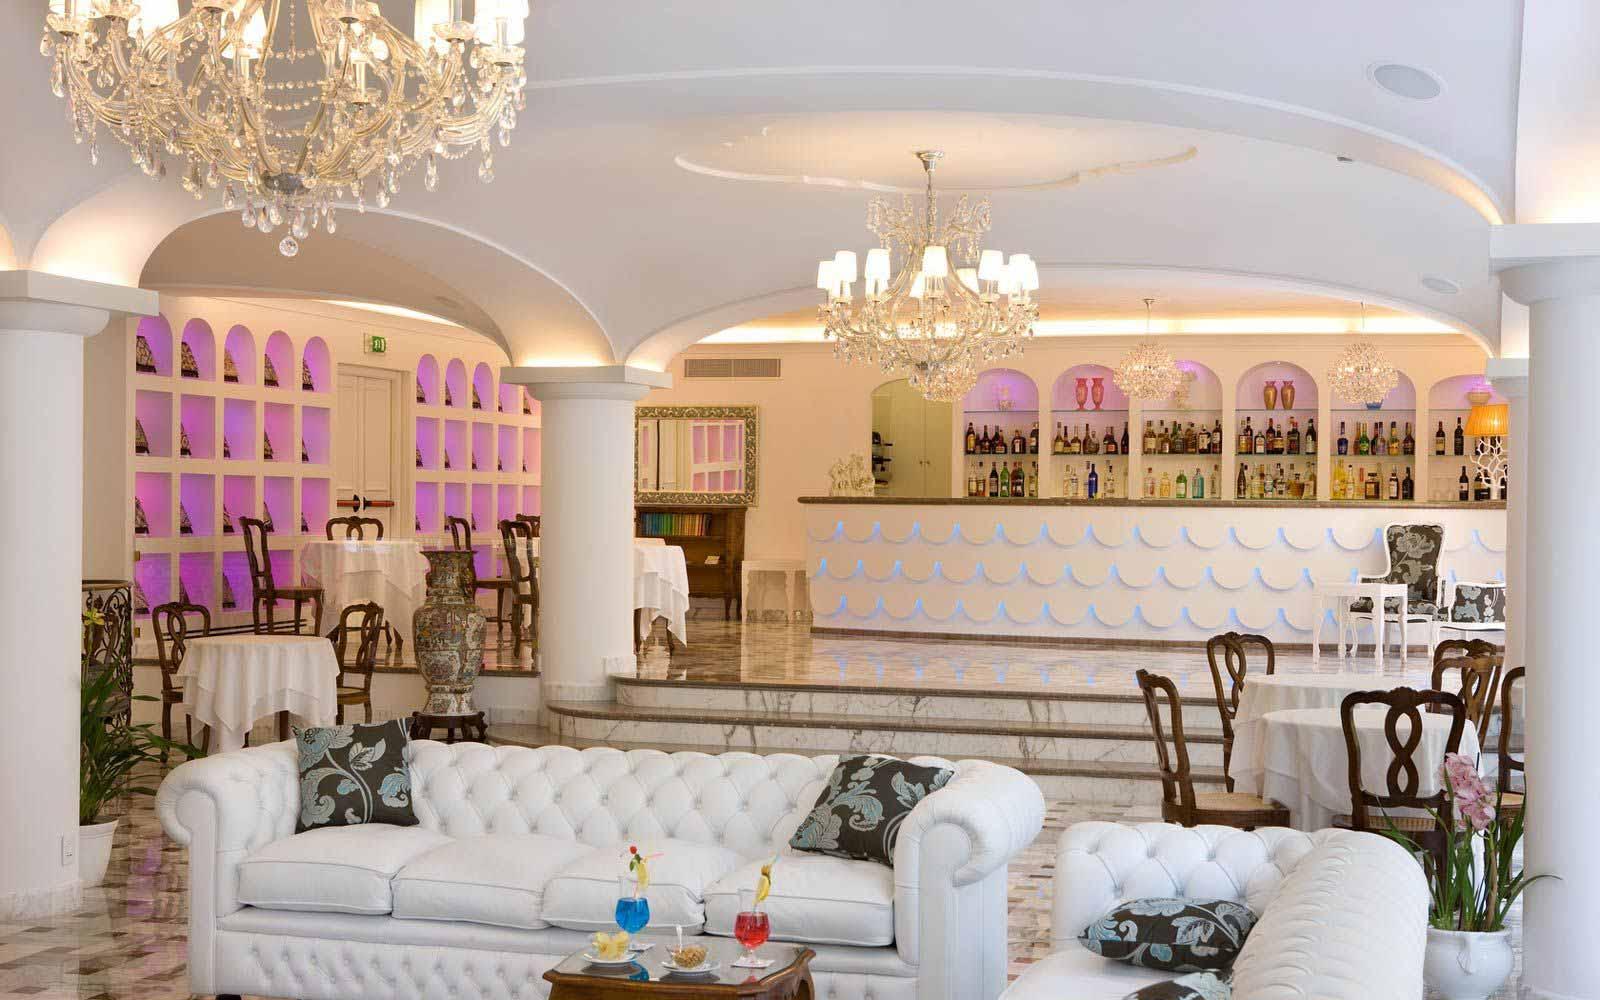 American Bar at the Grand Hotel La Favorita